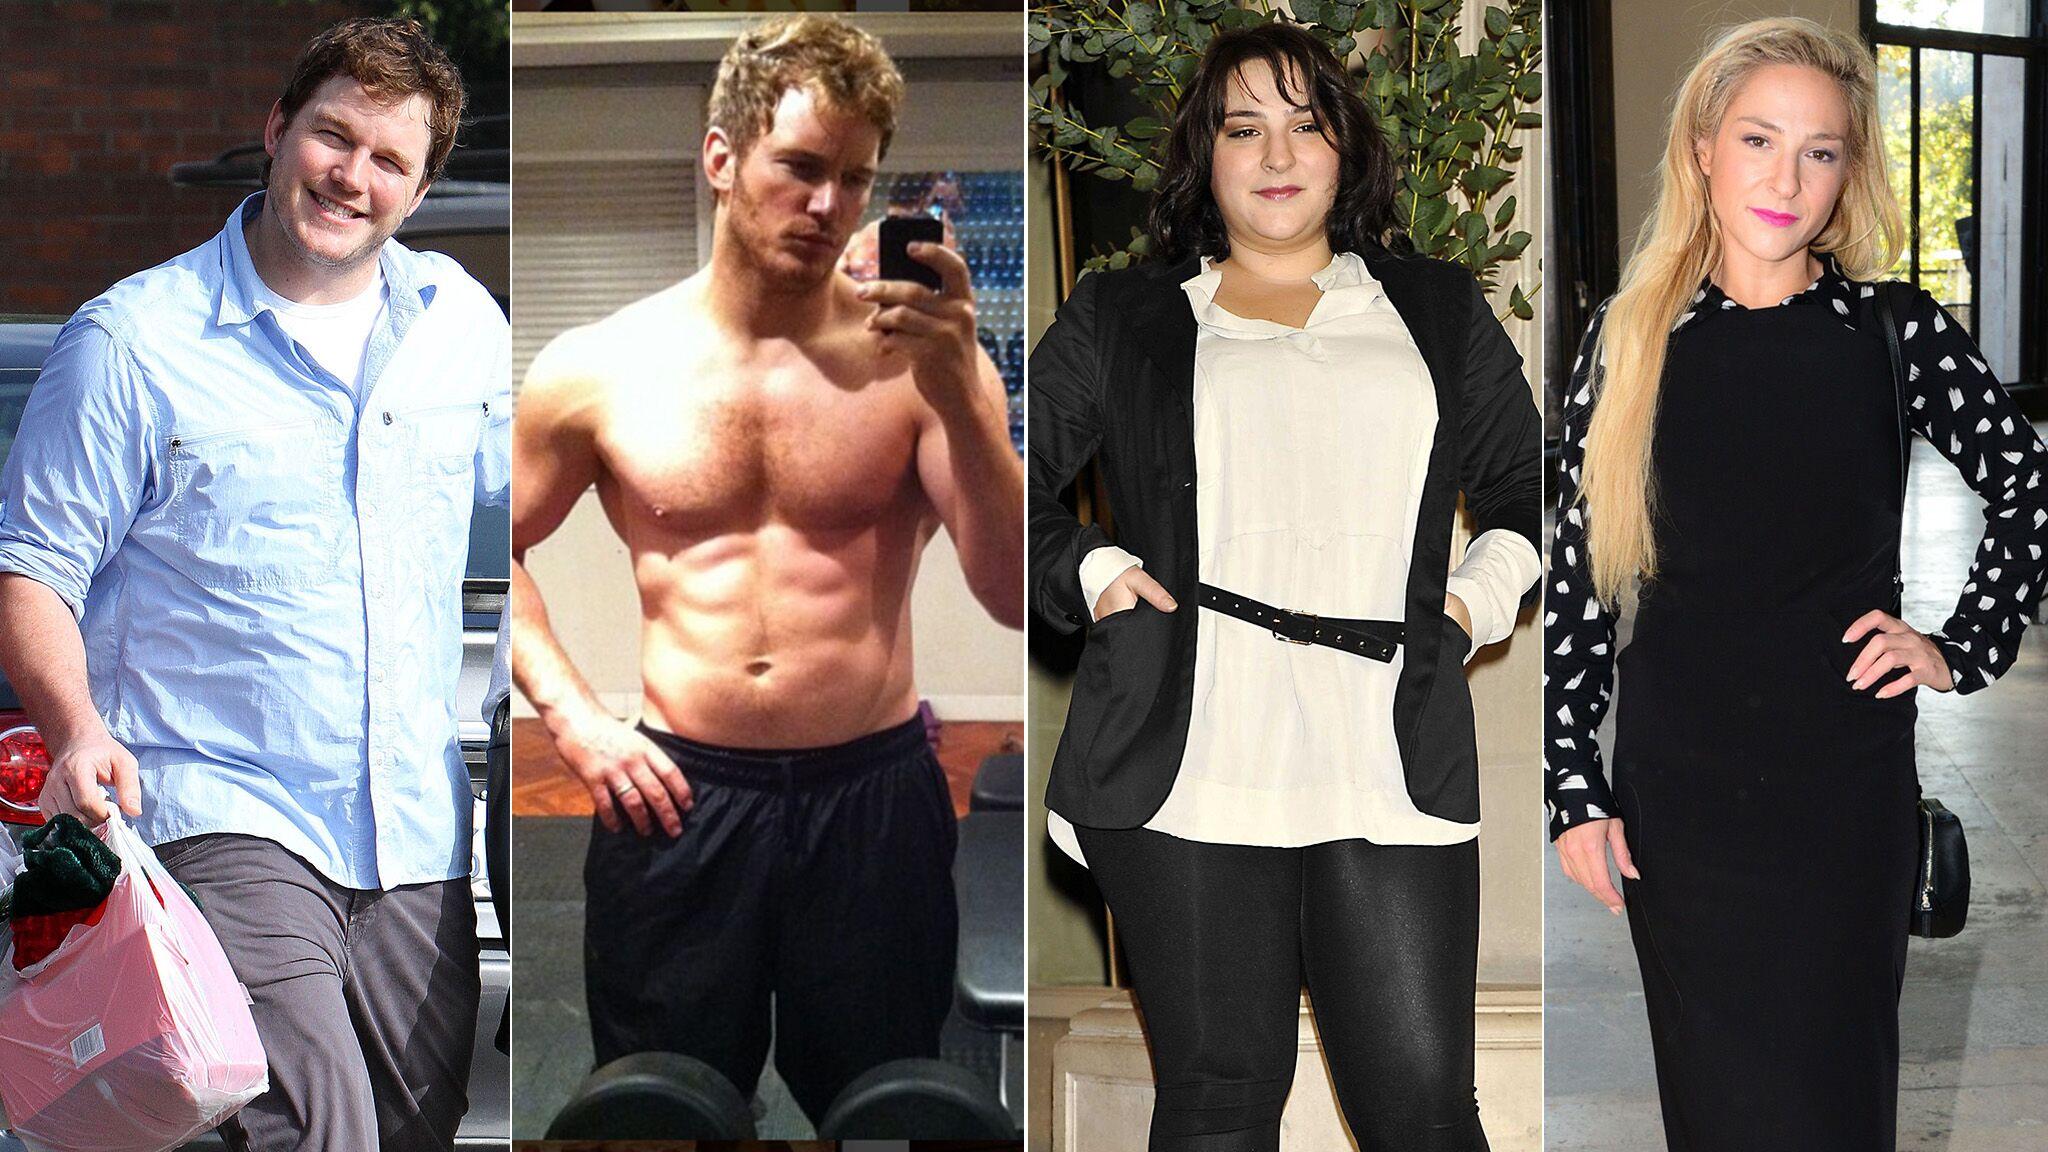 Perte de poids : les méthodes qui marchent ! - France Dimanche